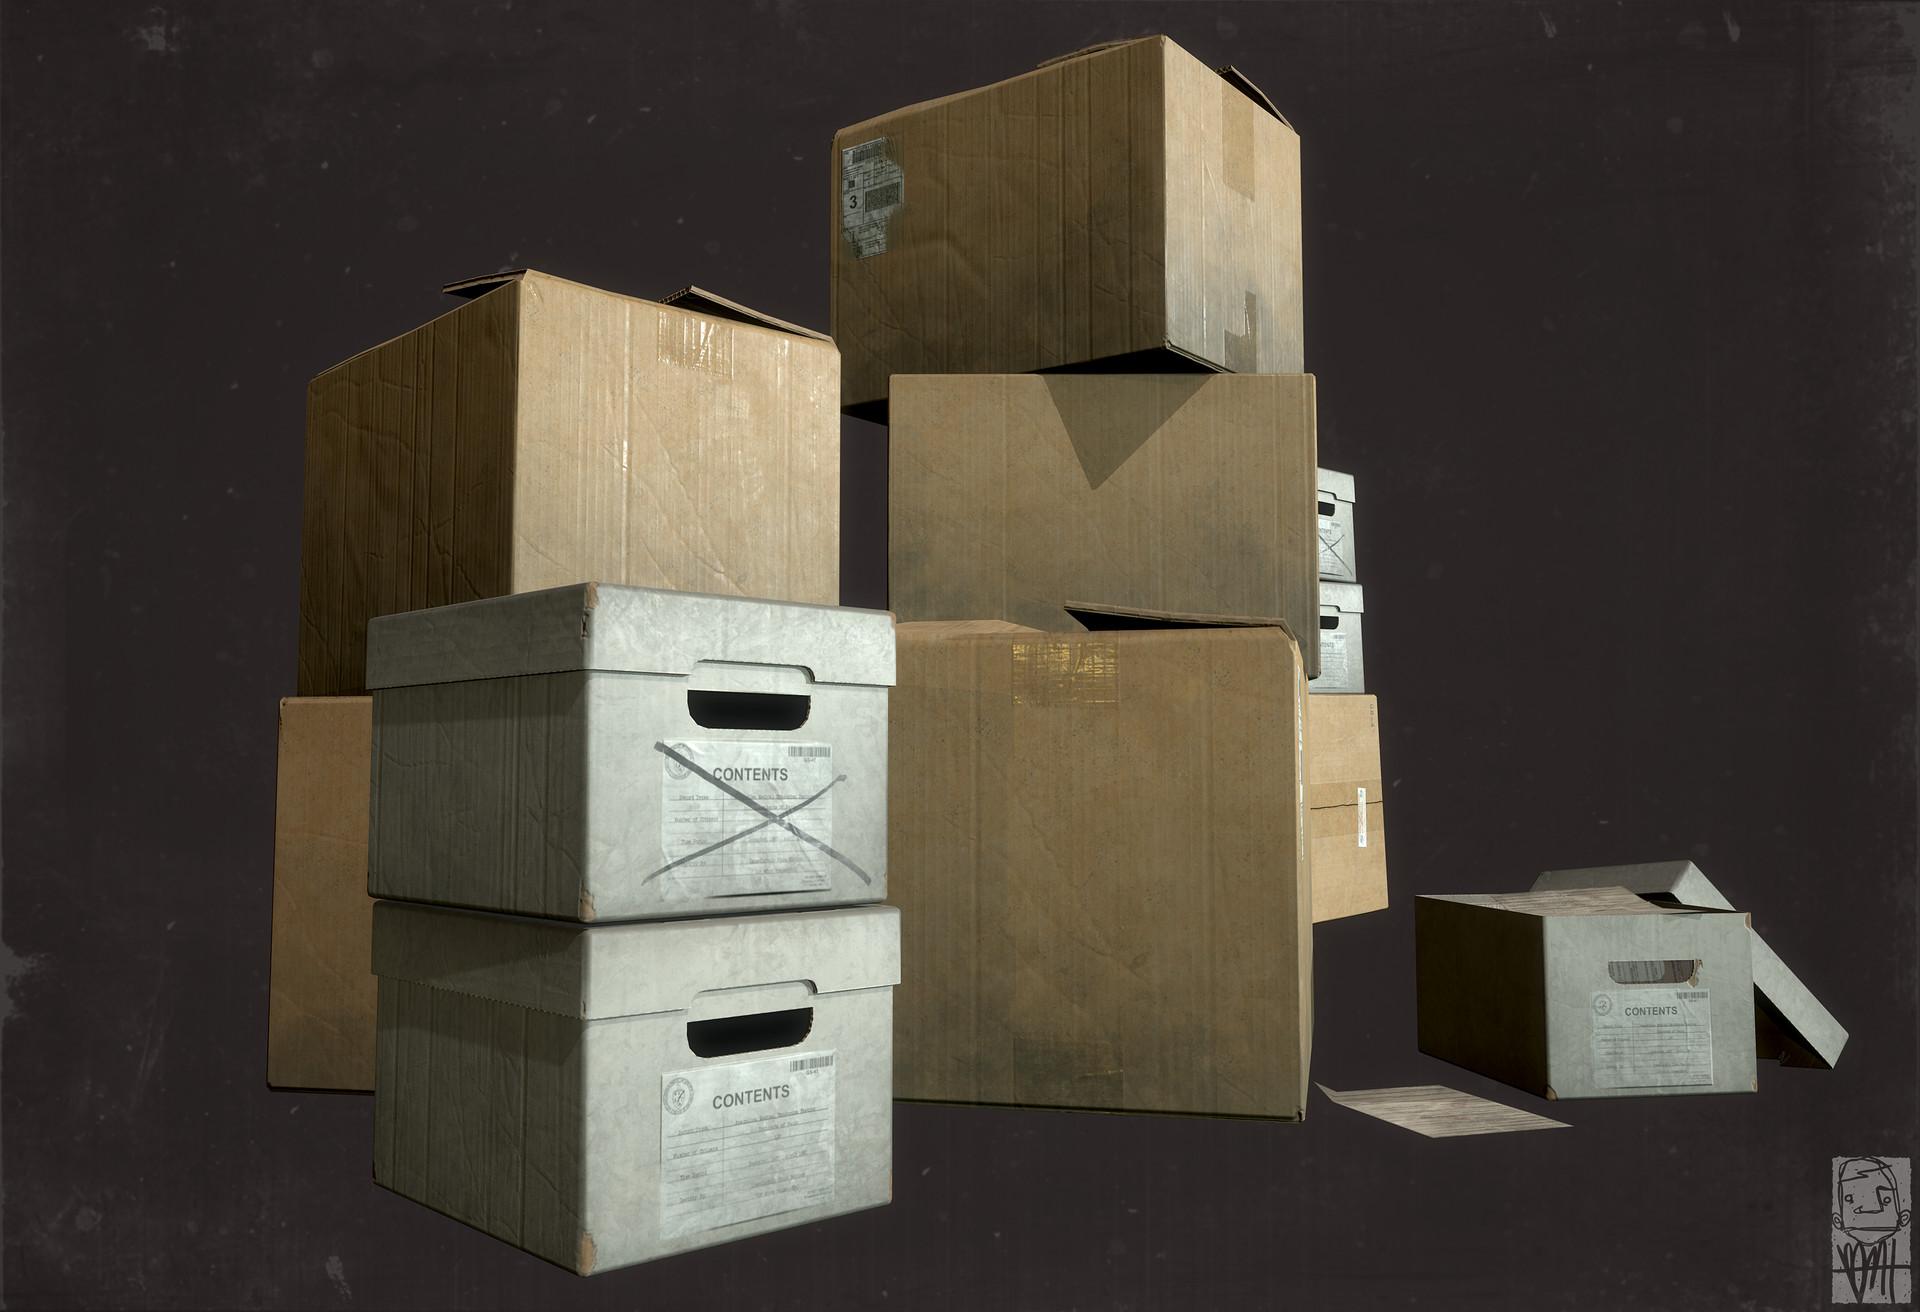 Brett marshall tucker the storage v2